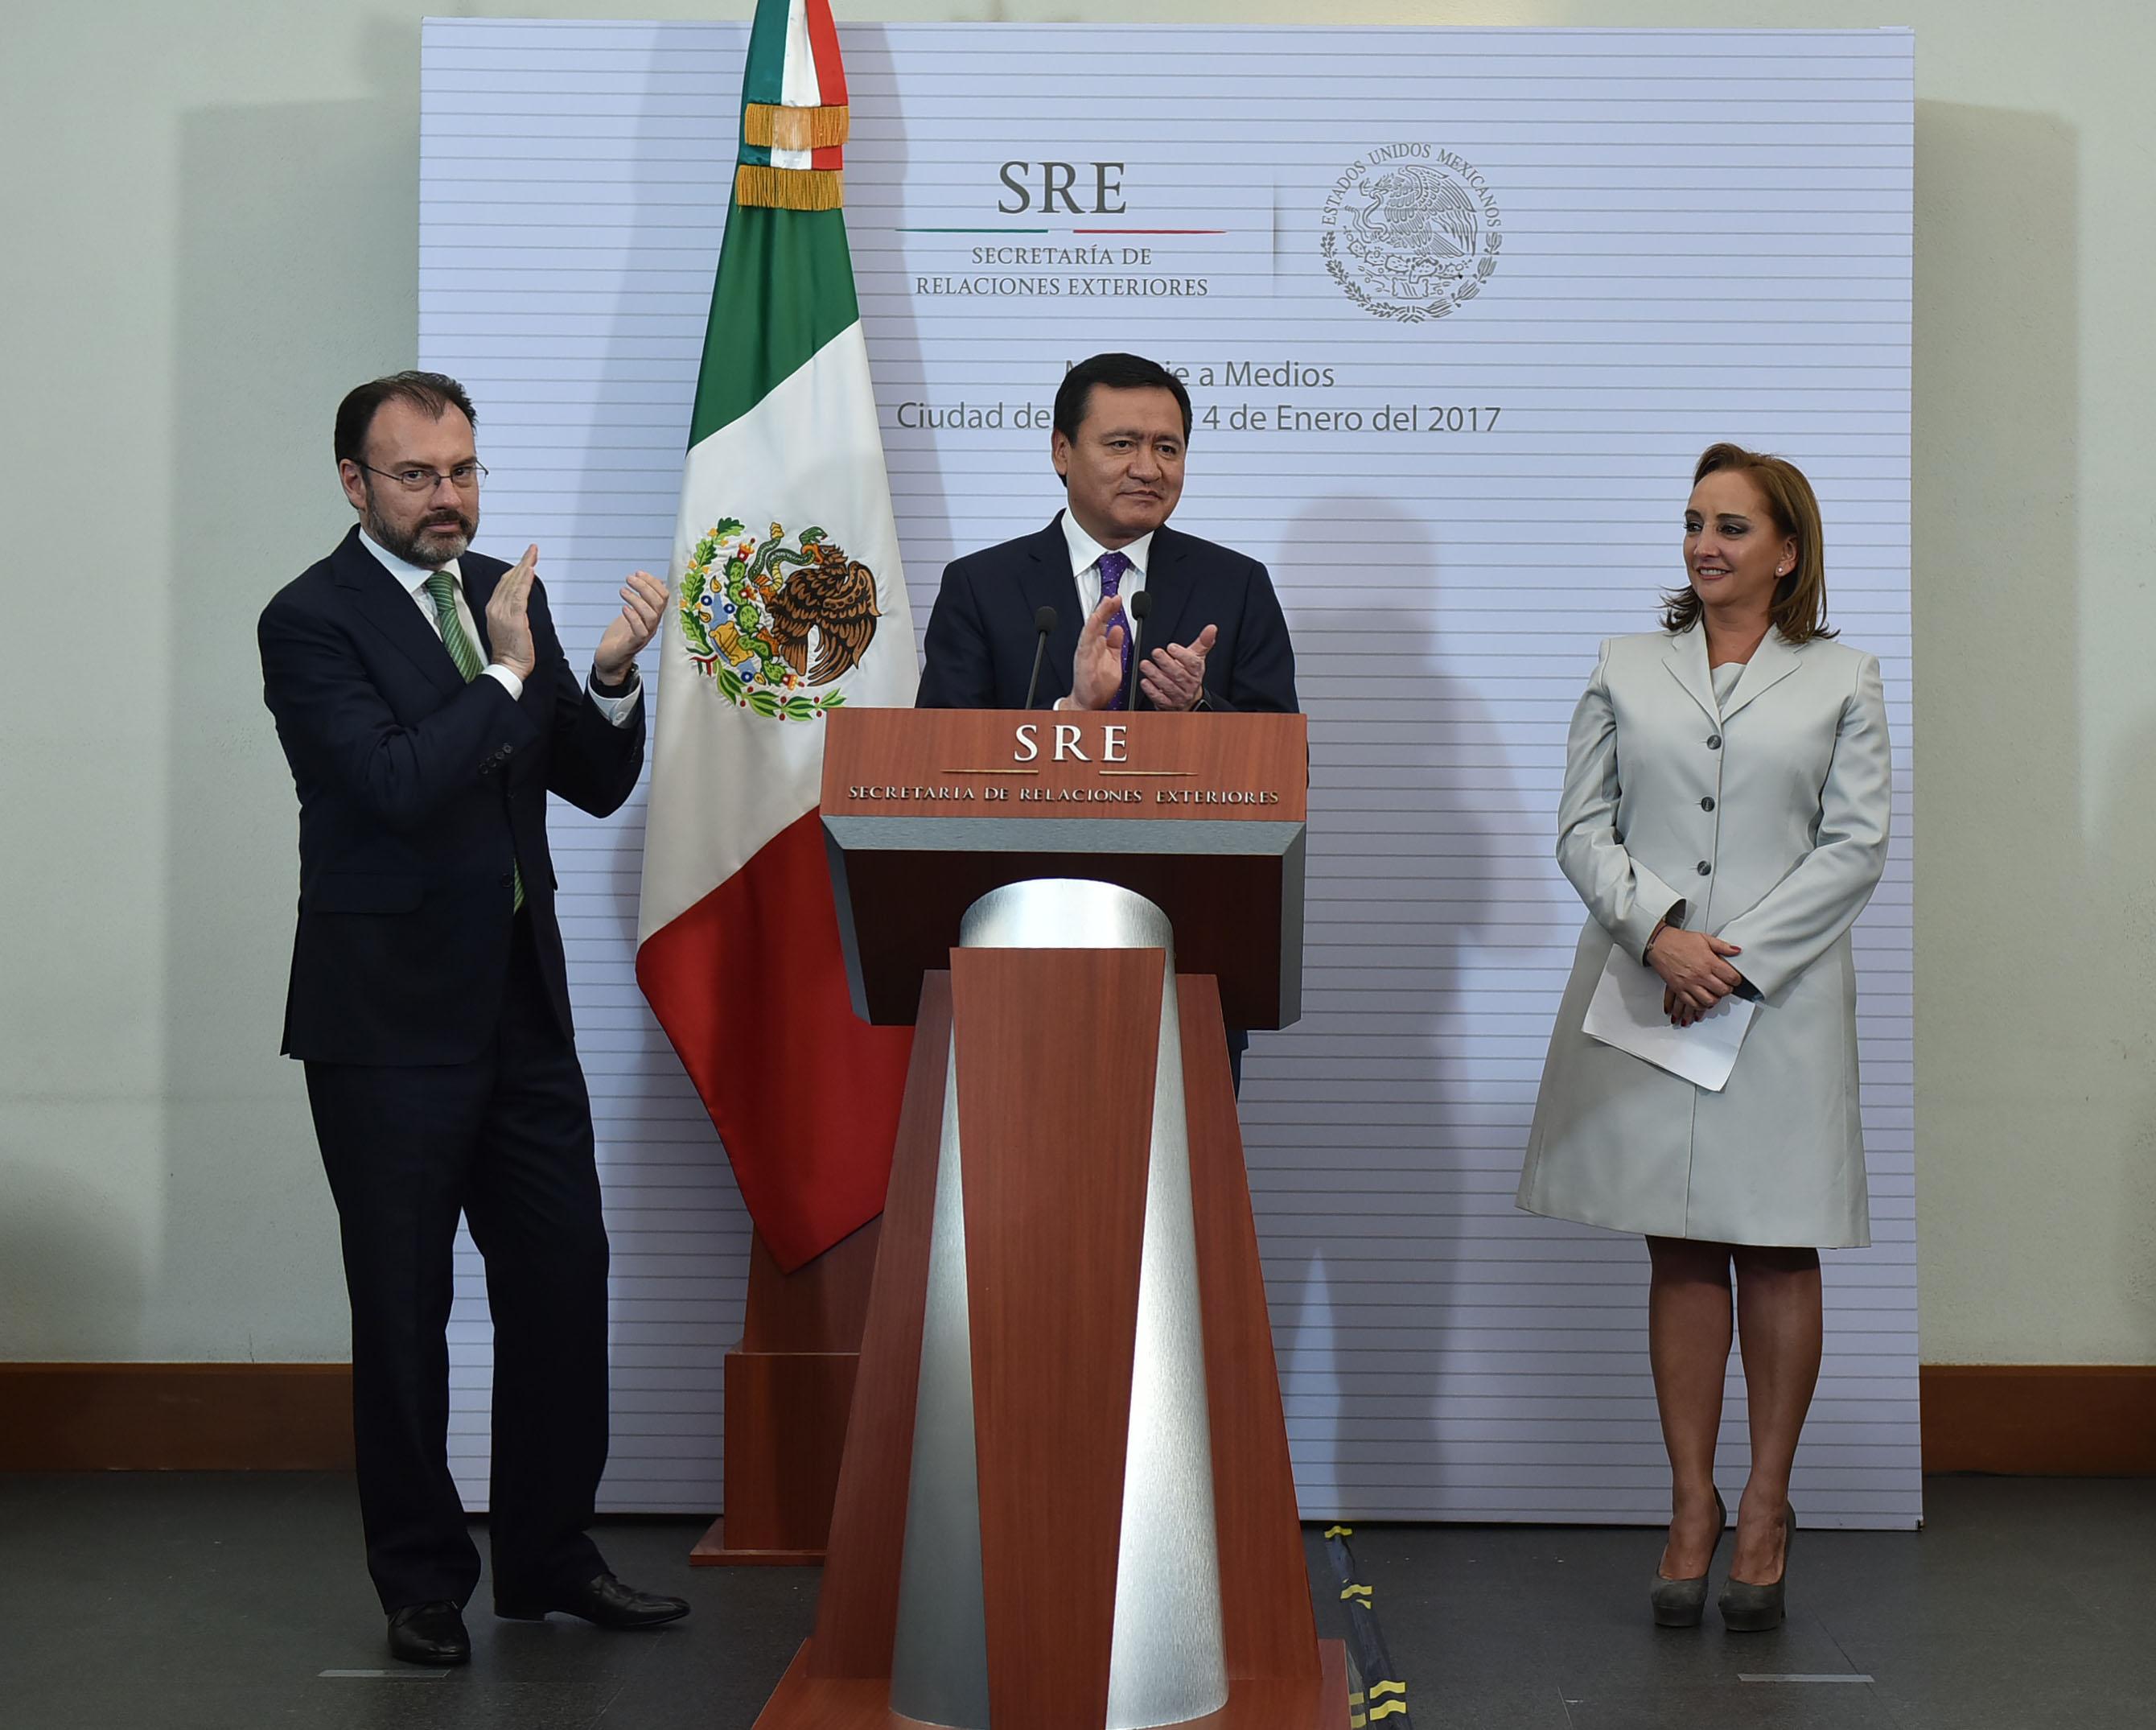 Mensajes de Claudia Ruiz Massieu y Luis Videgaray Caso, Secretario de Relaciones Exteriores, tomar posesión como titular de la dependencia.